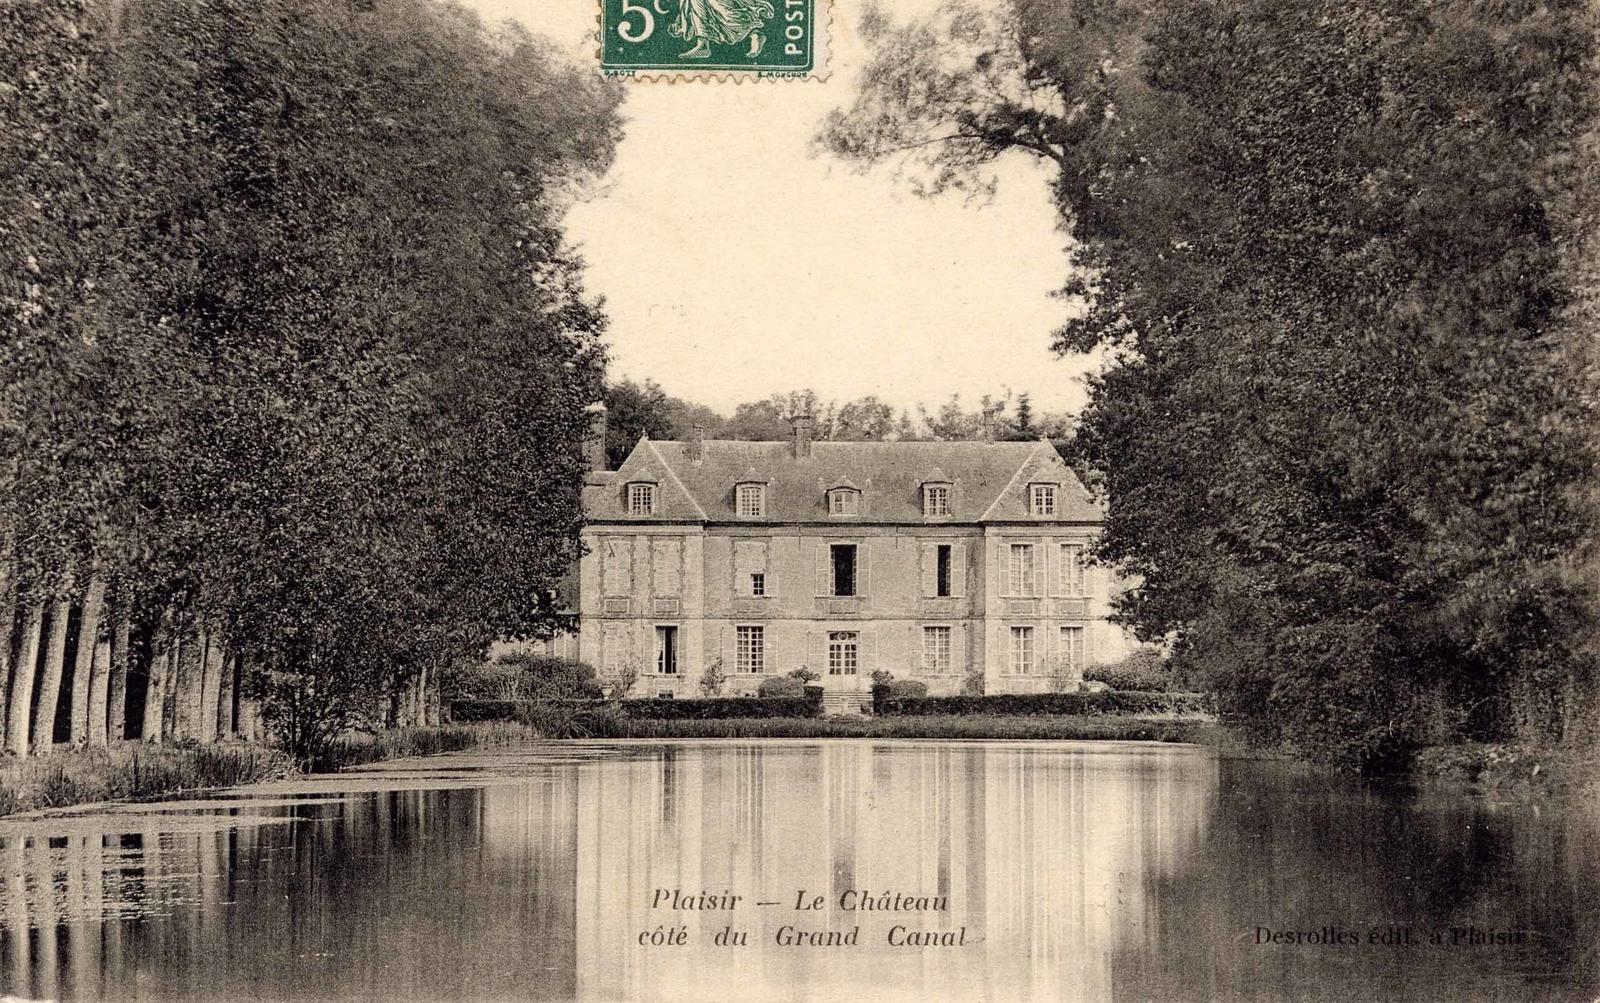 """Plaisir - CHÂTEAU DE PLAISIR : Château dix-septième siècle : corps central à un étage surmonté d'un comble mansardé flanqué de deux ailes plus basses (dix-huitième siècle).Dès 1415, il est fait état d'un fief avec hostel appelé """"Les Saussaies"""", appartenant à Jacques de Montmort puis aux seigneurs de La Grange jusque fin dix-septième siècle.L'hostel fut transformé en château une centaine d'années plus tard. Il prit son aspect actuel sous Louis XIII et il est attribué à Le Tellier, d'une famille de hauts fonctionnaires. Le domaine resta dans la famille pendant un siècle.Au début du XVIIIème siècle, la famille De Rugy occupe les lieux qui appartiendront au marquis de Saint-Sauveur sous le règne de Louis XIV. A la Révolution, le marquis émigrera, ses biens seront confisqués comme biens nationaux puis rachetés par la marquise qui revendit le tout très vite.Tout au long du dix-neuvième siècle et pendant les trois quarts du vingtième, de nombreux propriétaires vont se succéder pour arriver à une famille de Lorraine qui transforma les communs en ferme.En 1930, le domaine est acheté par une famille de notaires qui le gardera jusqu'en 1976, date de son acquisition par la commune de Plaisir. Celle-ci entreprend la restauration en vue de son ouverture au public, de 1982 à 1985 pour le château et de 1986 à 1987 pour les communs. Aujourd'hui, le château abrite une bibliothèque et le conservatoire de musique et les communs : une salle de spectacles. Le parc de 50 hectares a été classé en 1947 et le château dans les années 1960."""